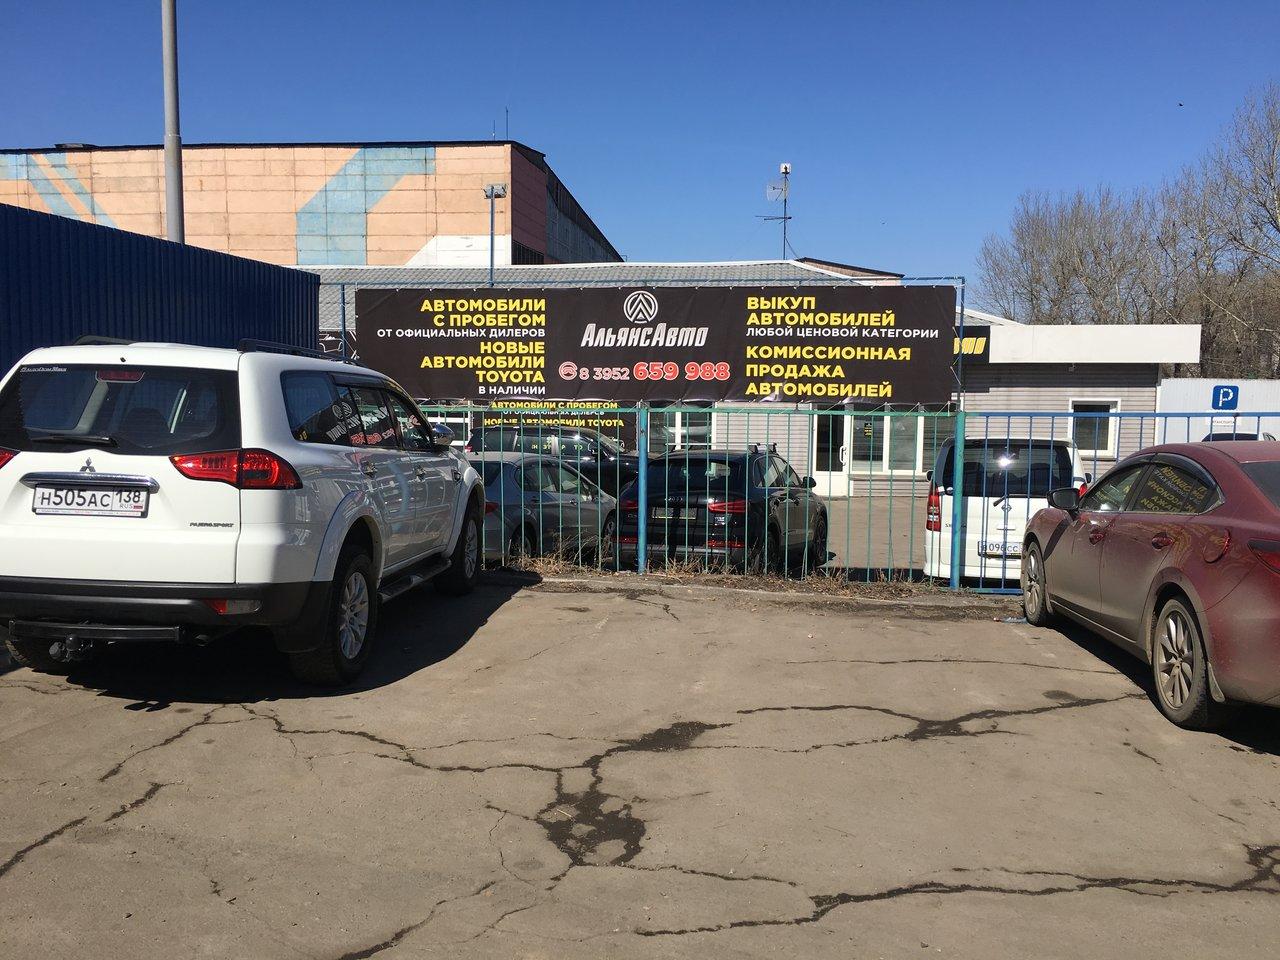 Машины на запчасти в иркутске частные объявления левобережный воронеж доска объявлений работа